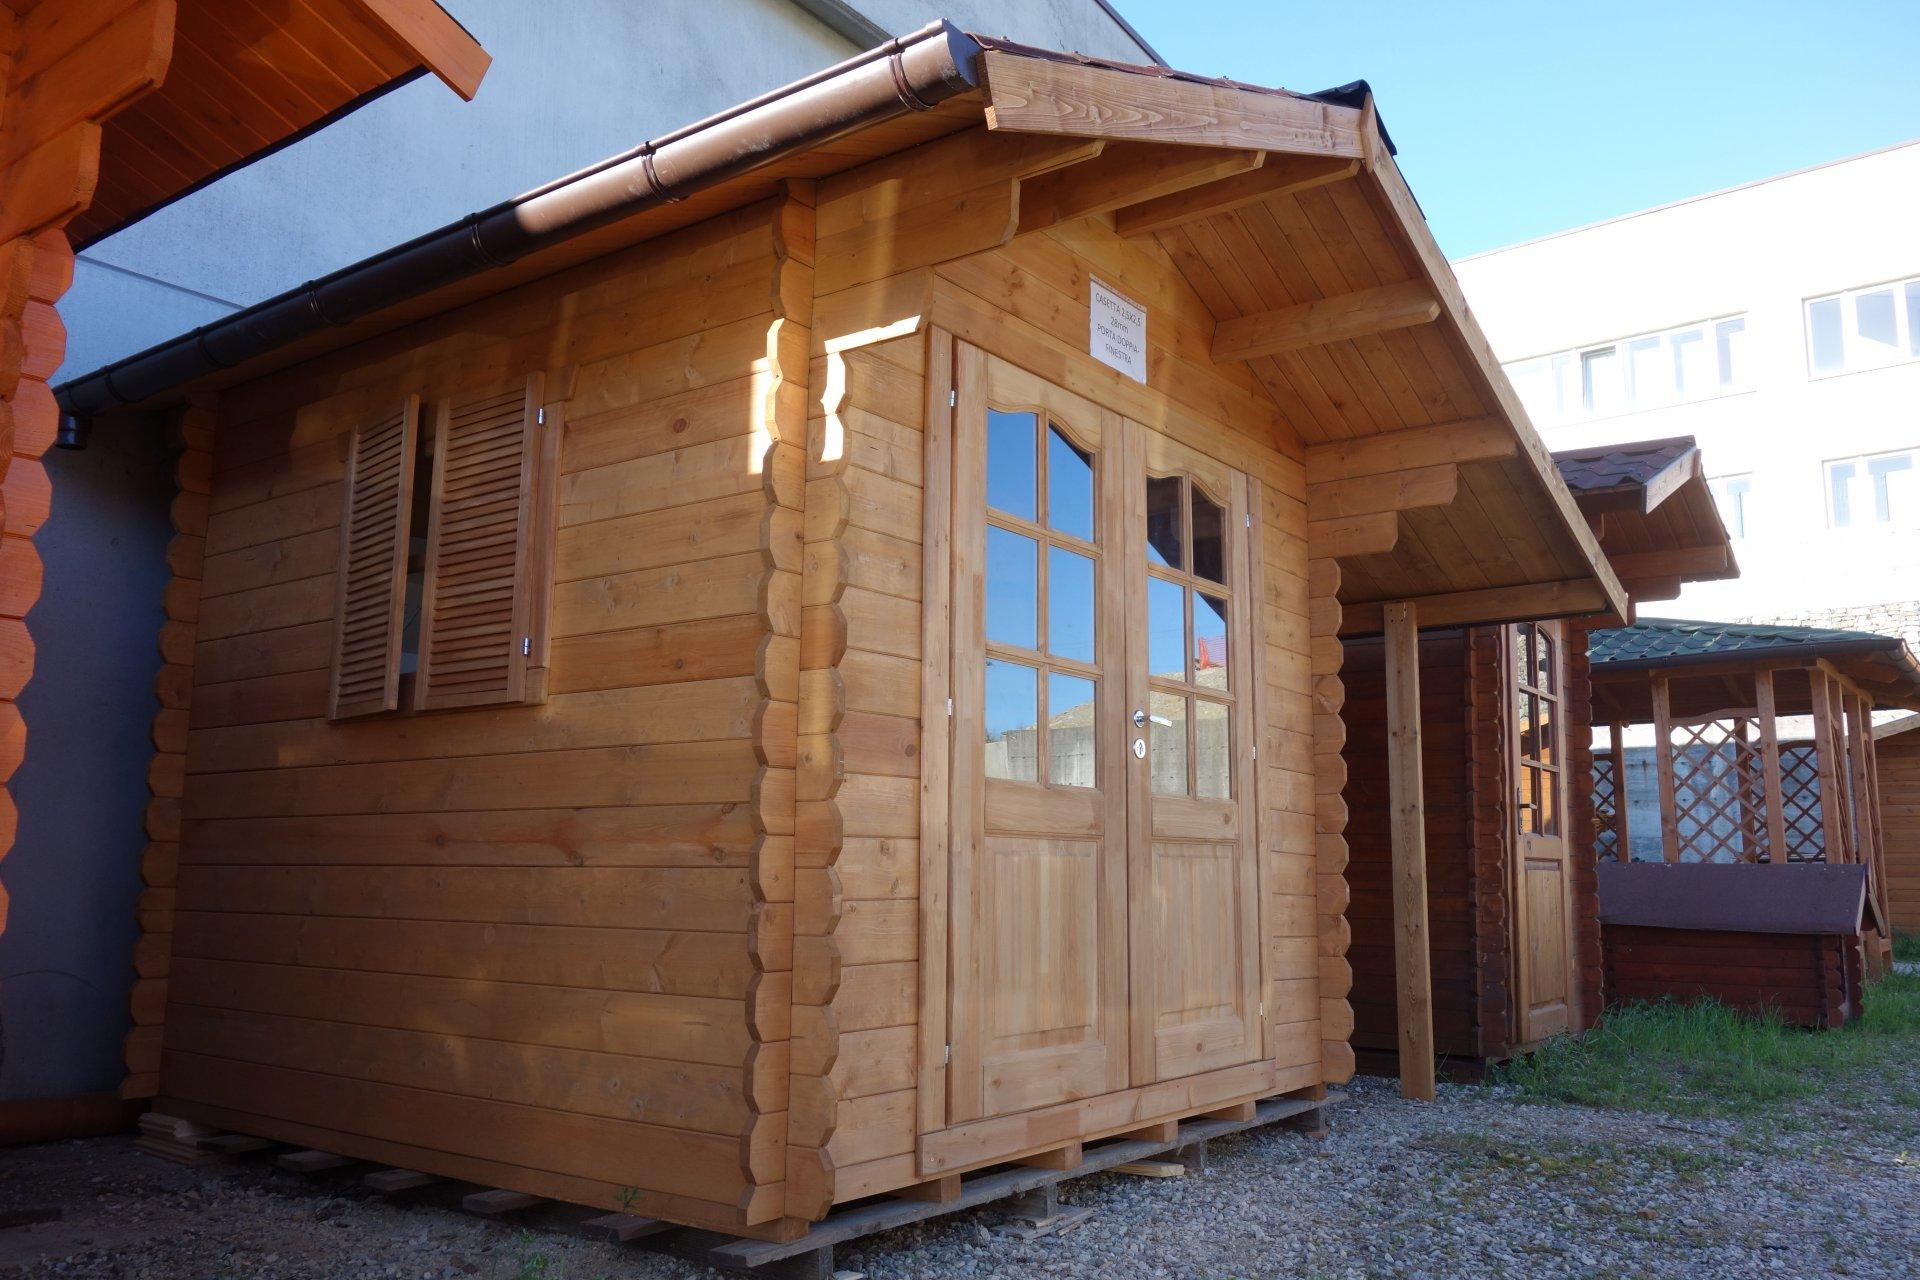 Vendita casette in legno da giardino ai migliori prezzi ✔